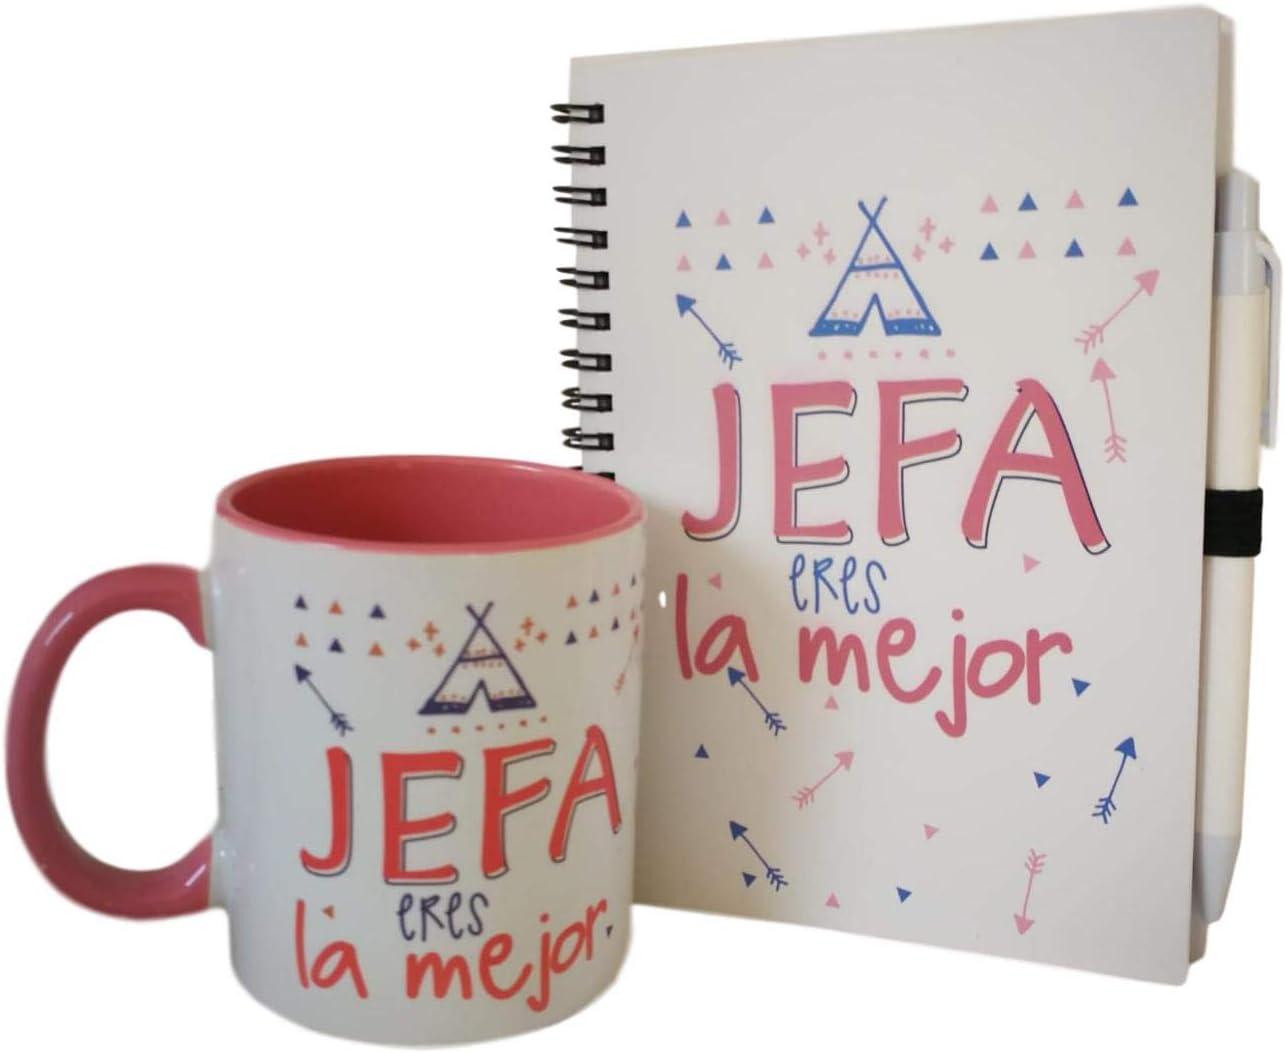 Pack DE Taza Y LIBRETA Mensaje JEFA Eres LA Mejor (Rosa)